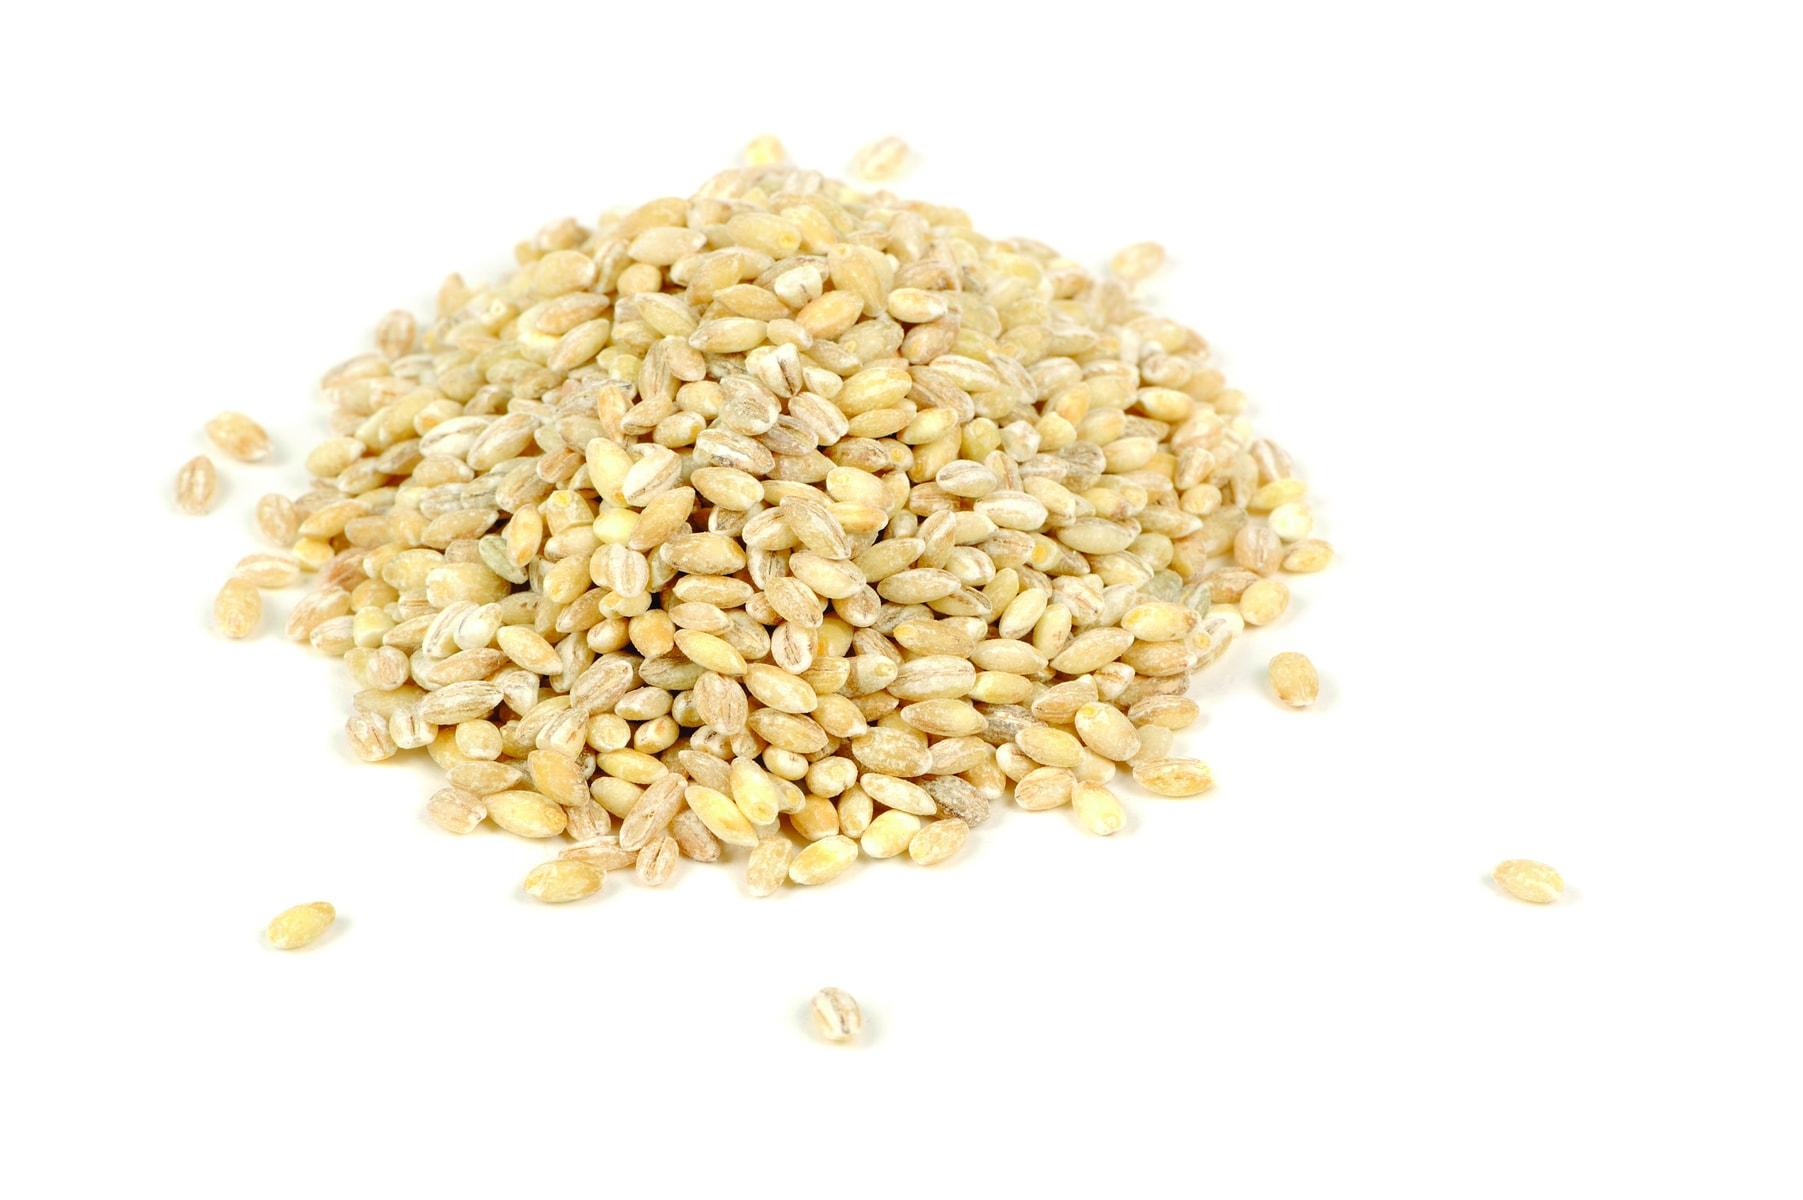 Smart staples: Barley